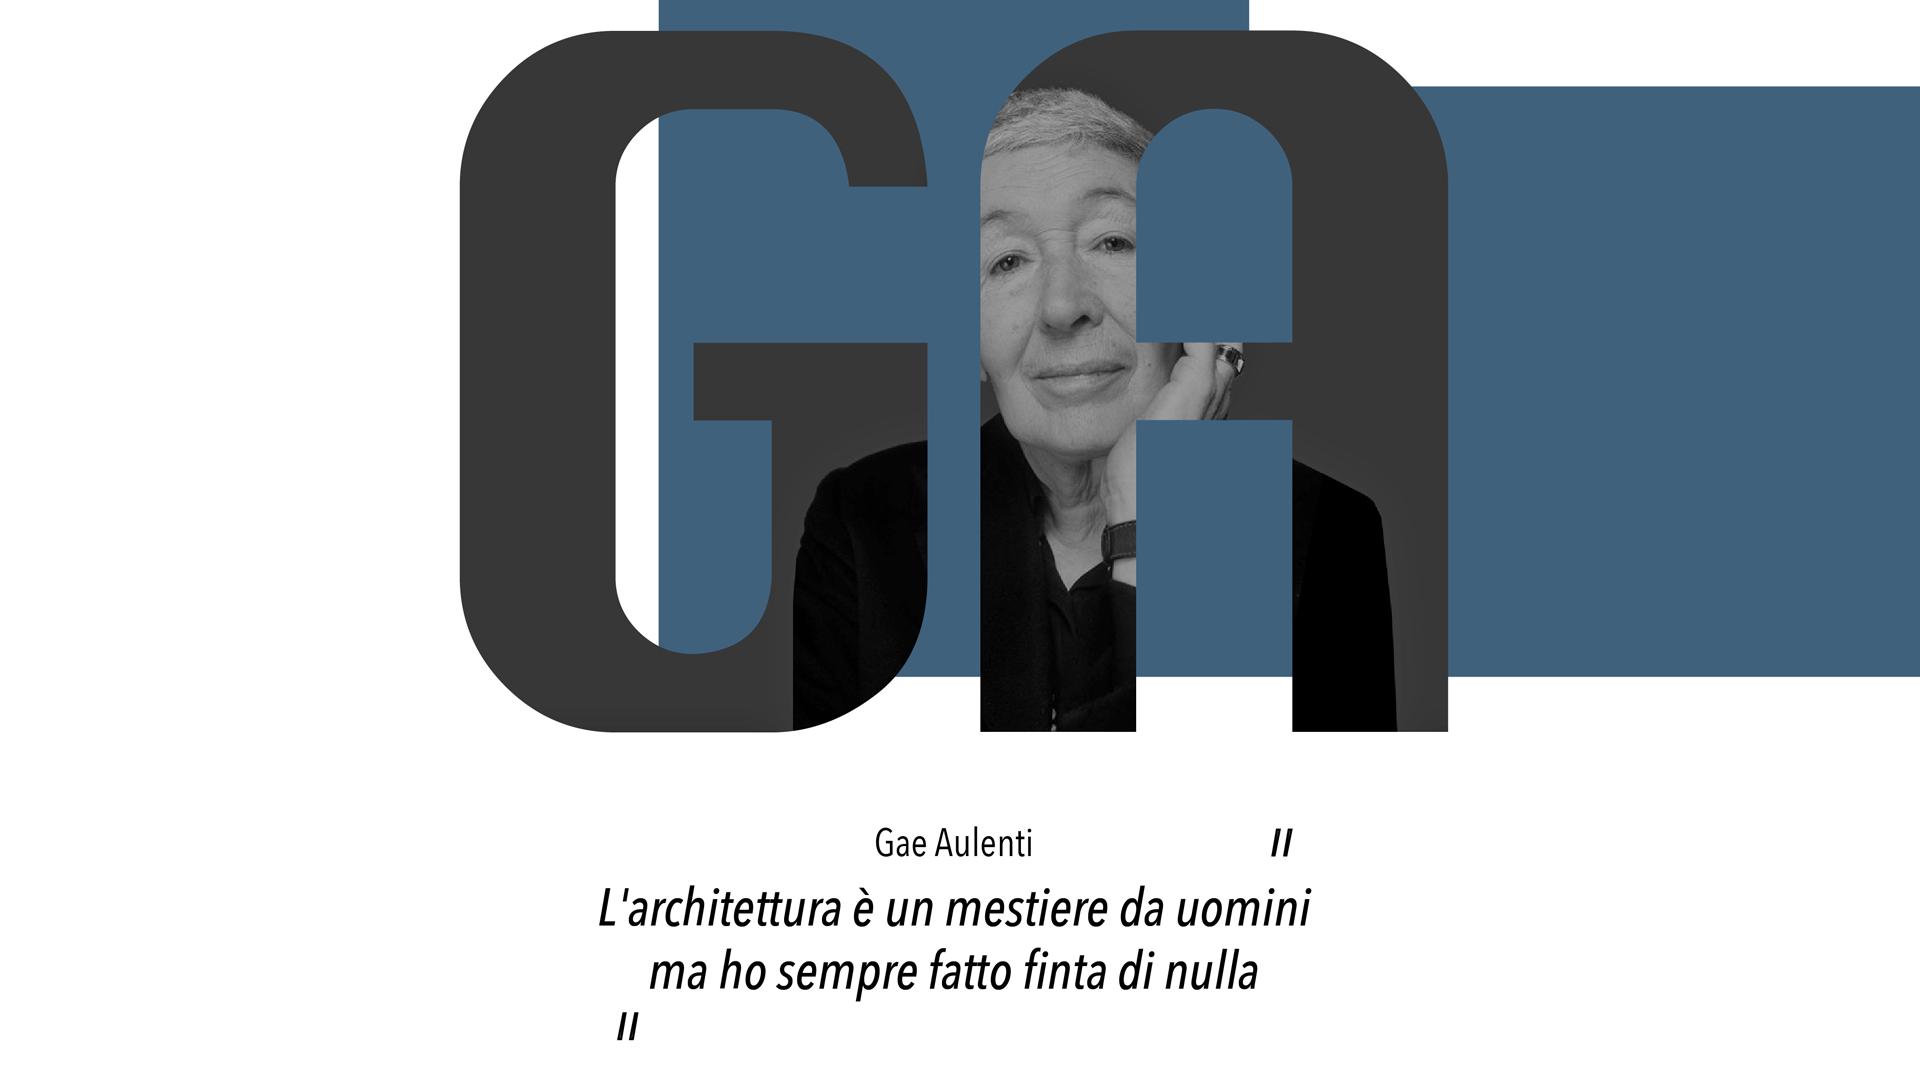 Grafica con le iniziali GA all'interno delle quali si vede il ritratto dell'architetto e designer Gae Aulenti, protagonista dell'articolo.